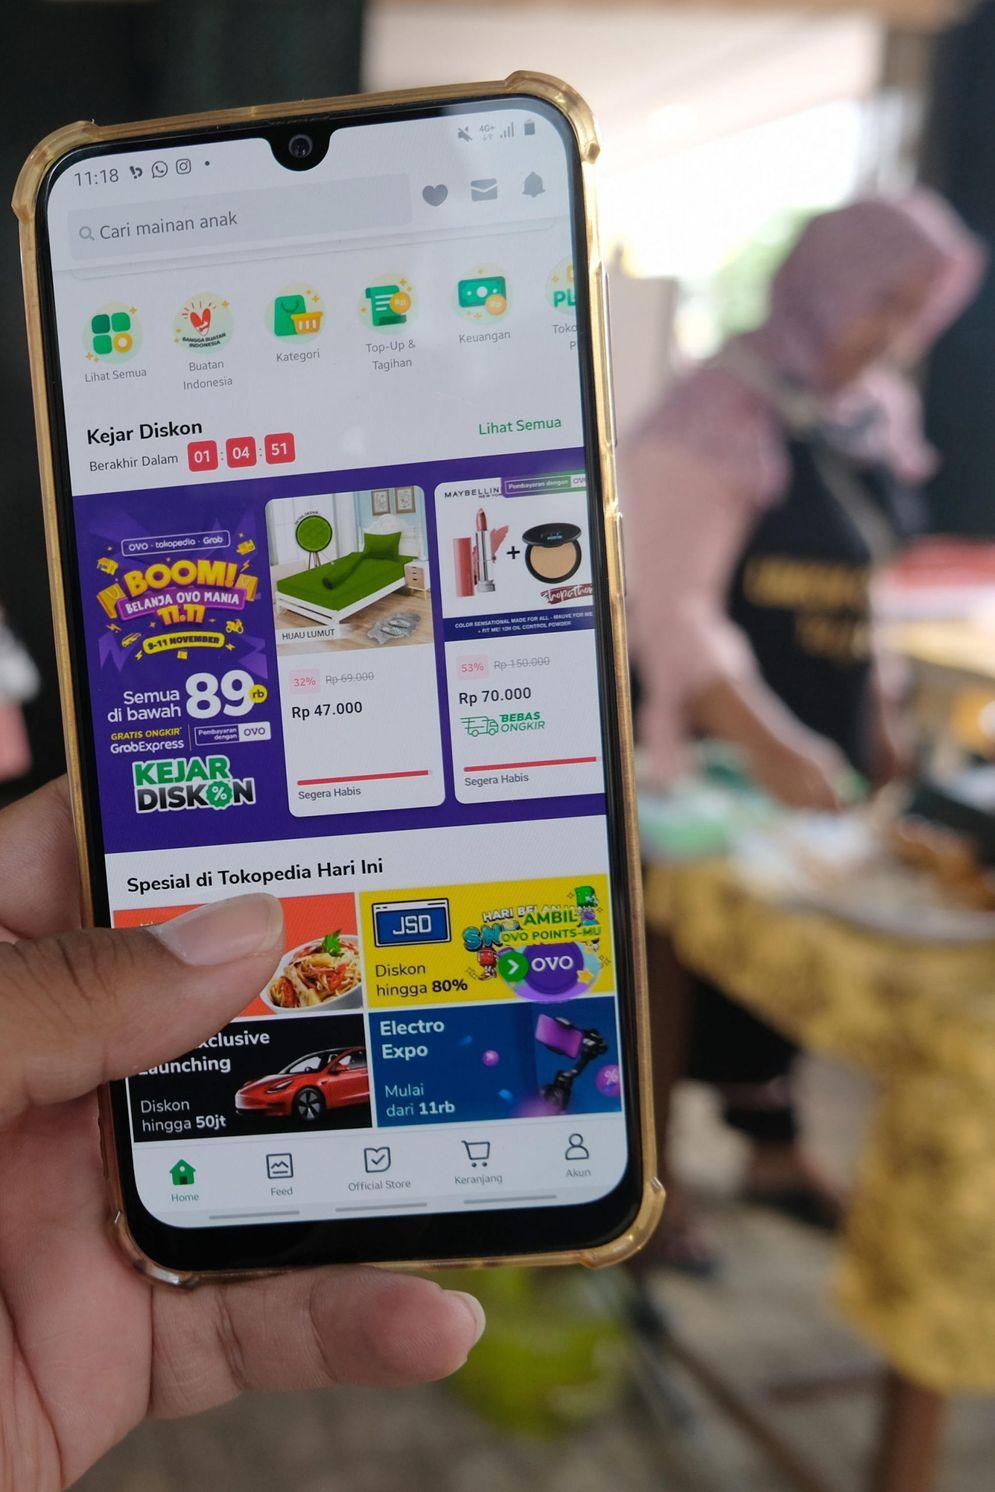 Warga mengakses salah satu platform e-commerce untuk berbelanja secara daring melalui gawai dalam rangka Hari Belanja Online Nasional atau 'Harbolnas 11.11' di Tangerang, Banten, Rabu, 11 November 2020. Foto: Ismail Pohan/TrenAsia\n